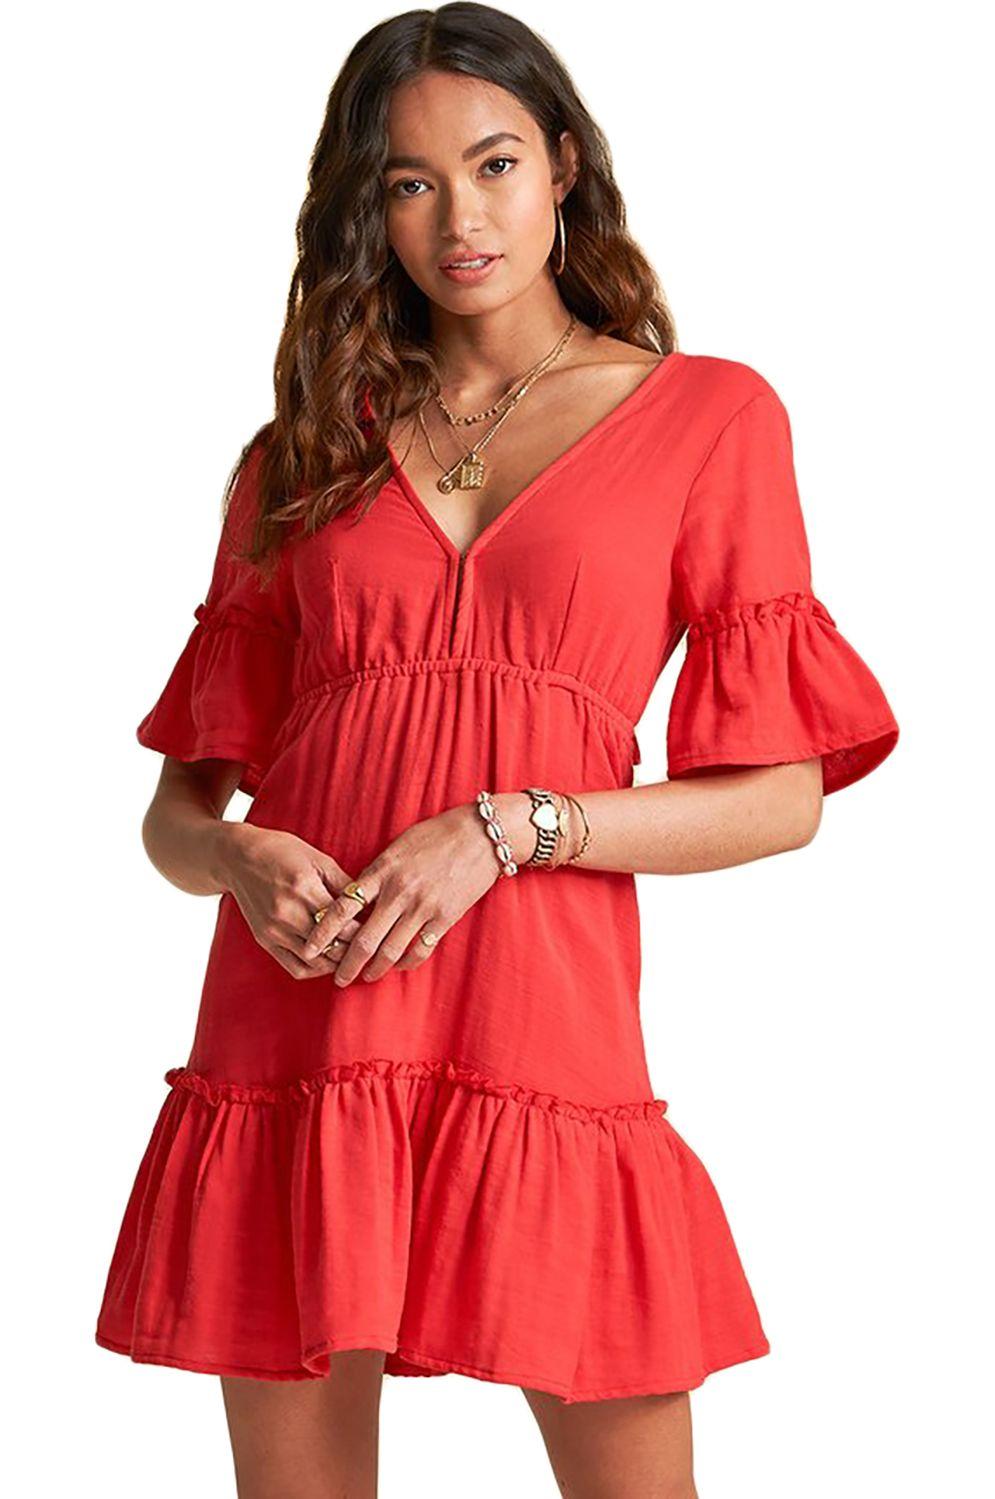 Vestido Billabong LOVERS WISH SINCERELY JULES Rio Red